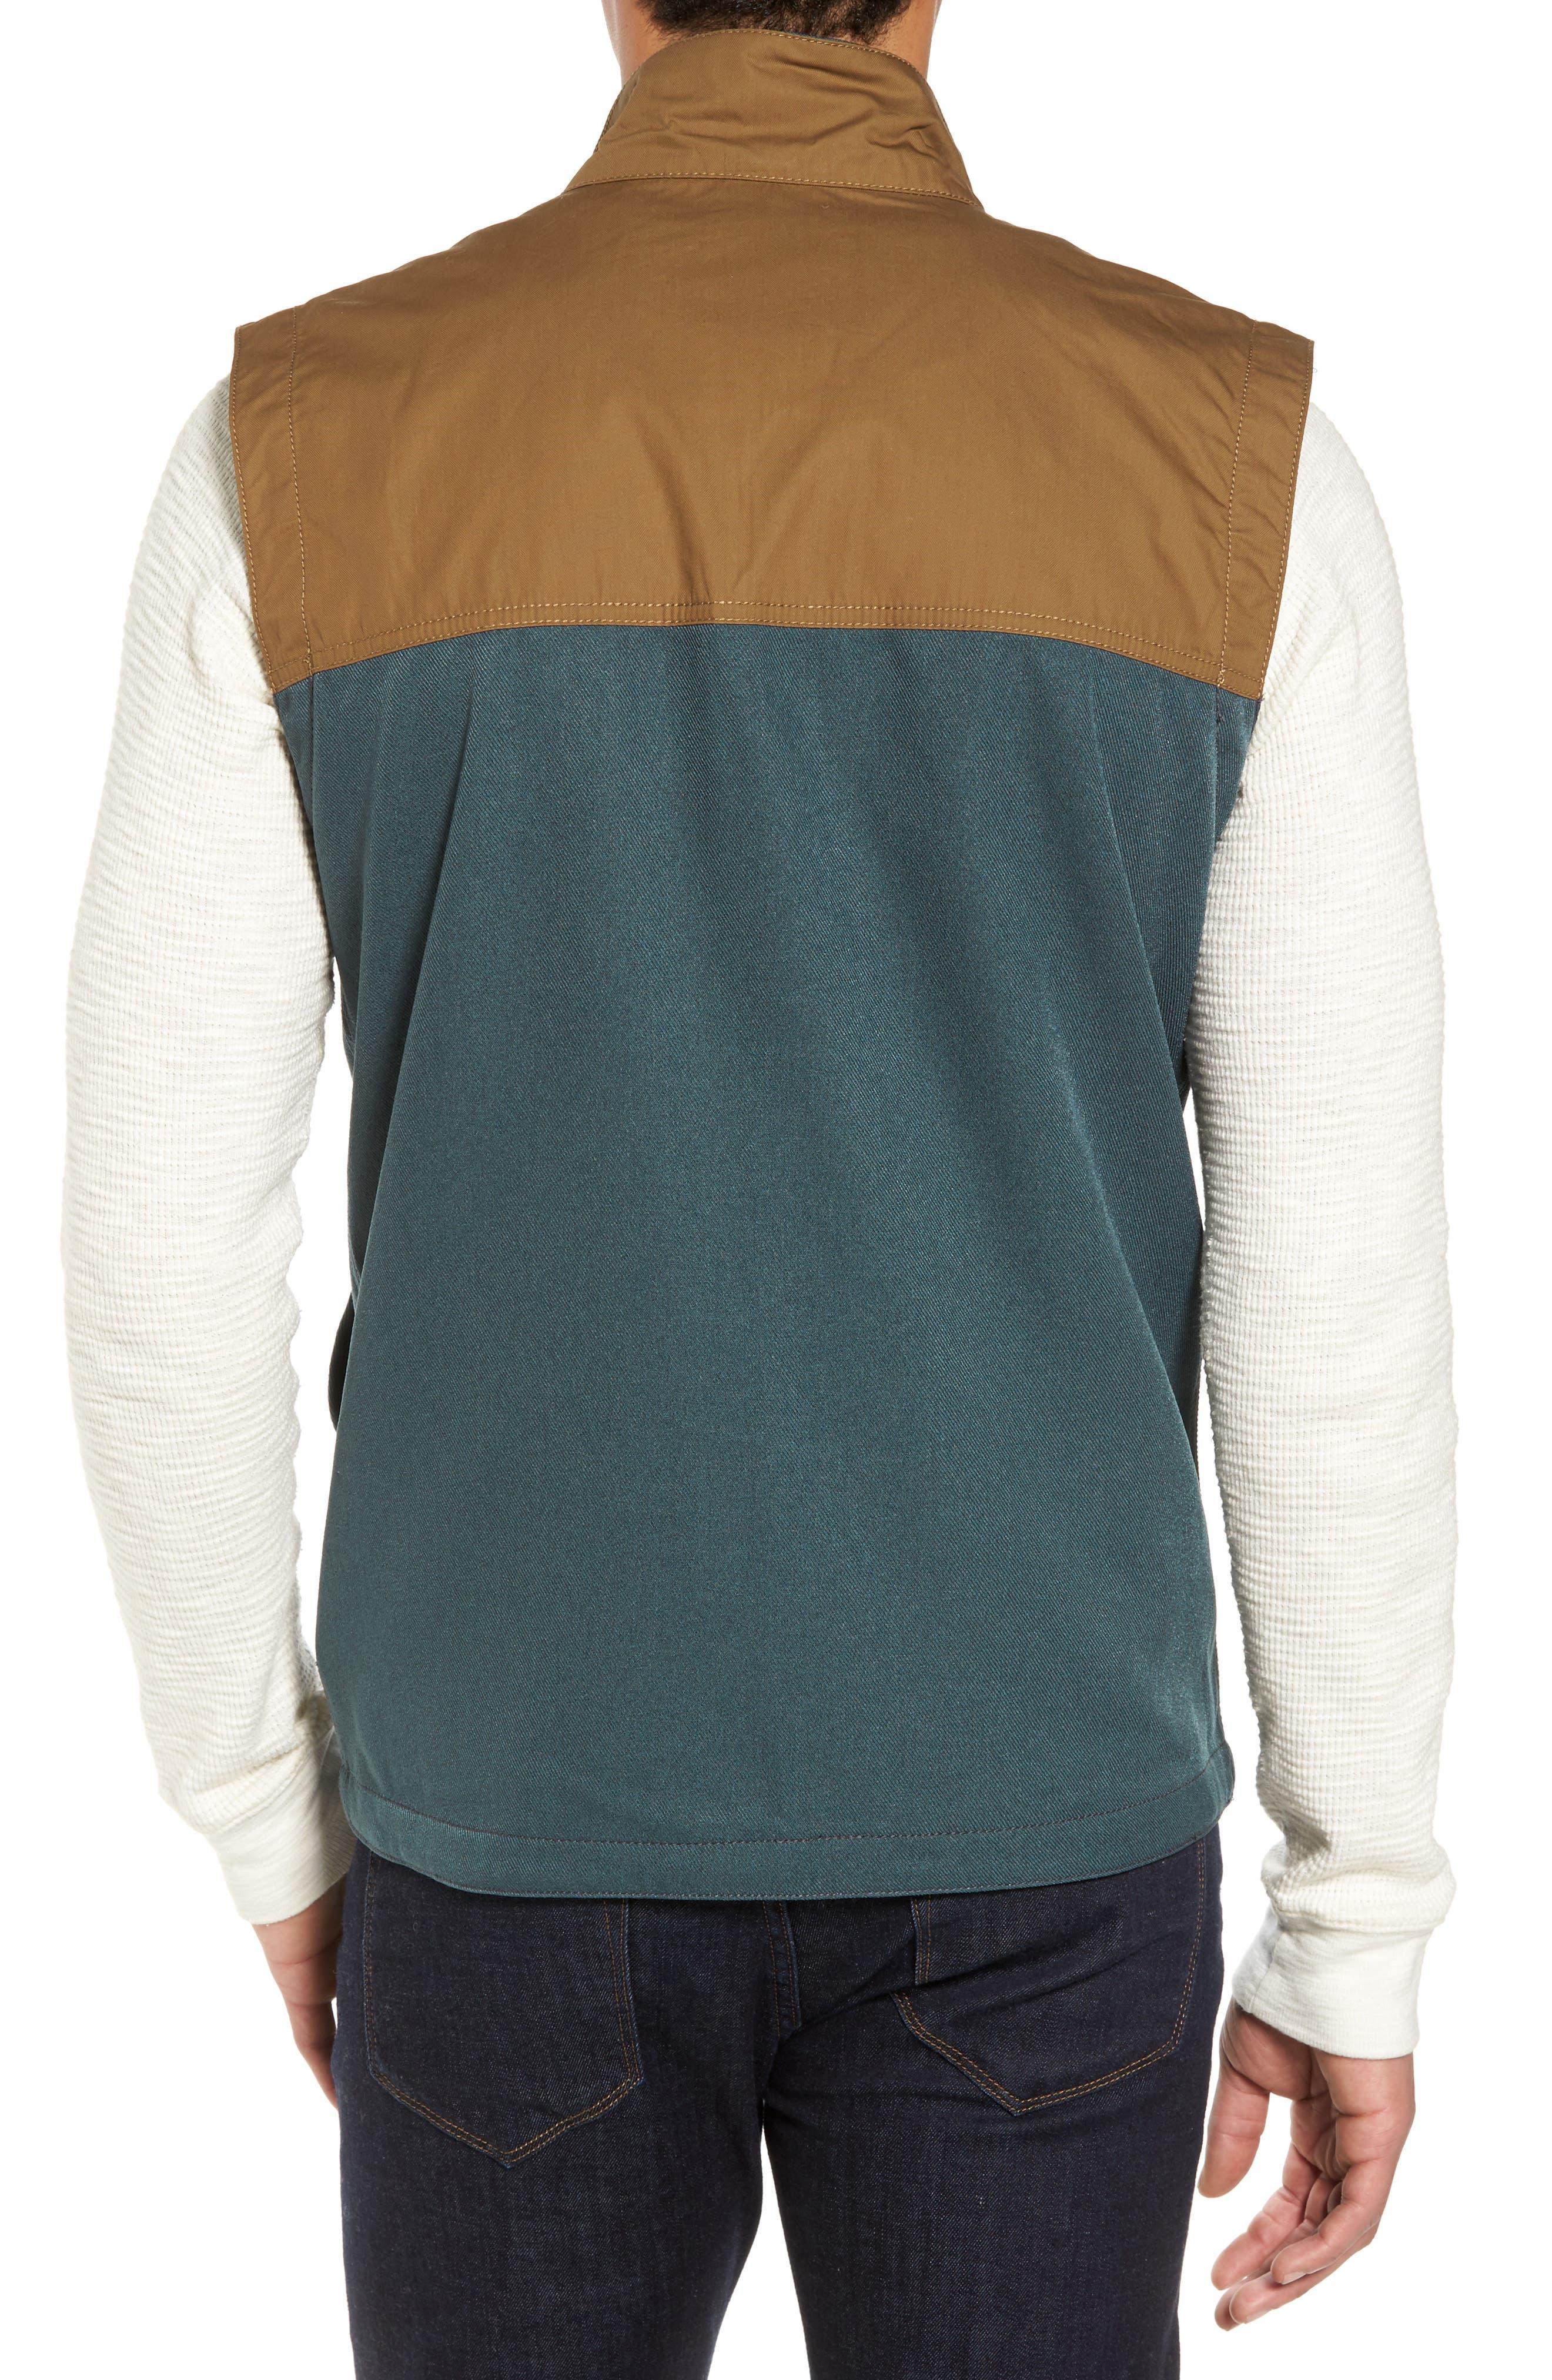 Deschutes River<sup>™</sup> Vest,                             Alternate thumbnail 2, color,                             435